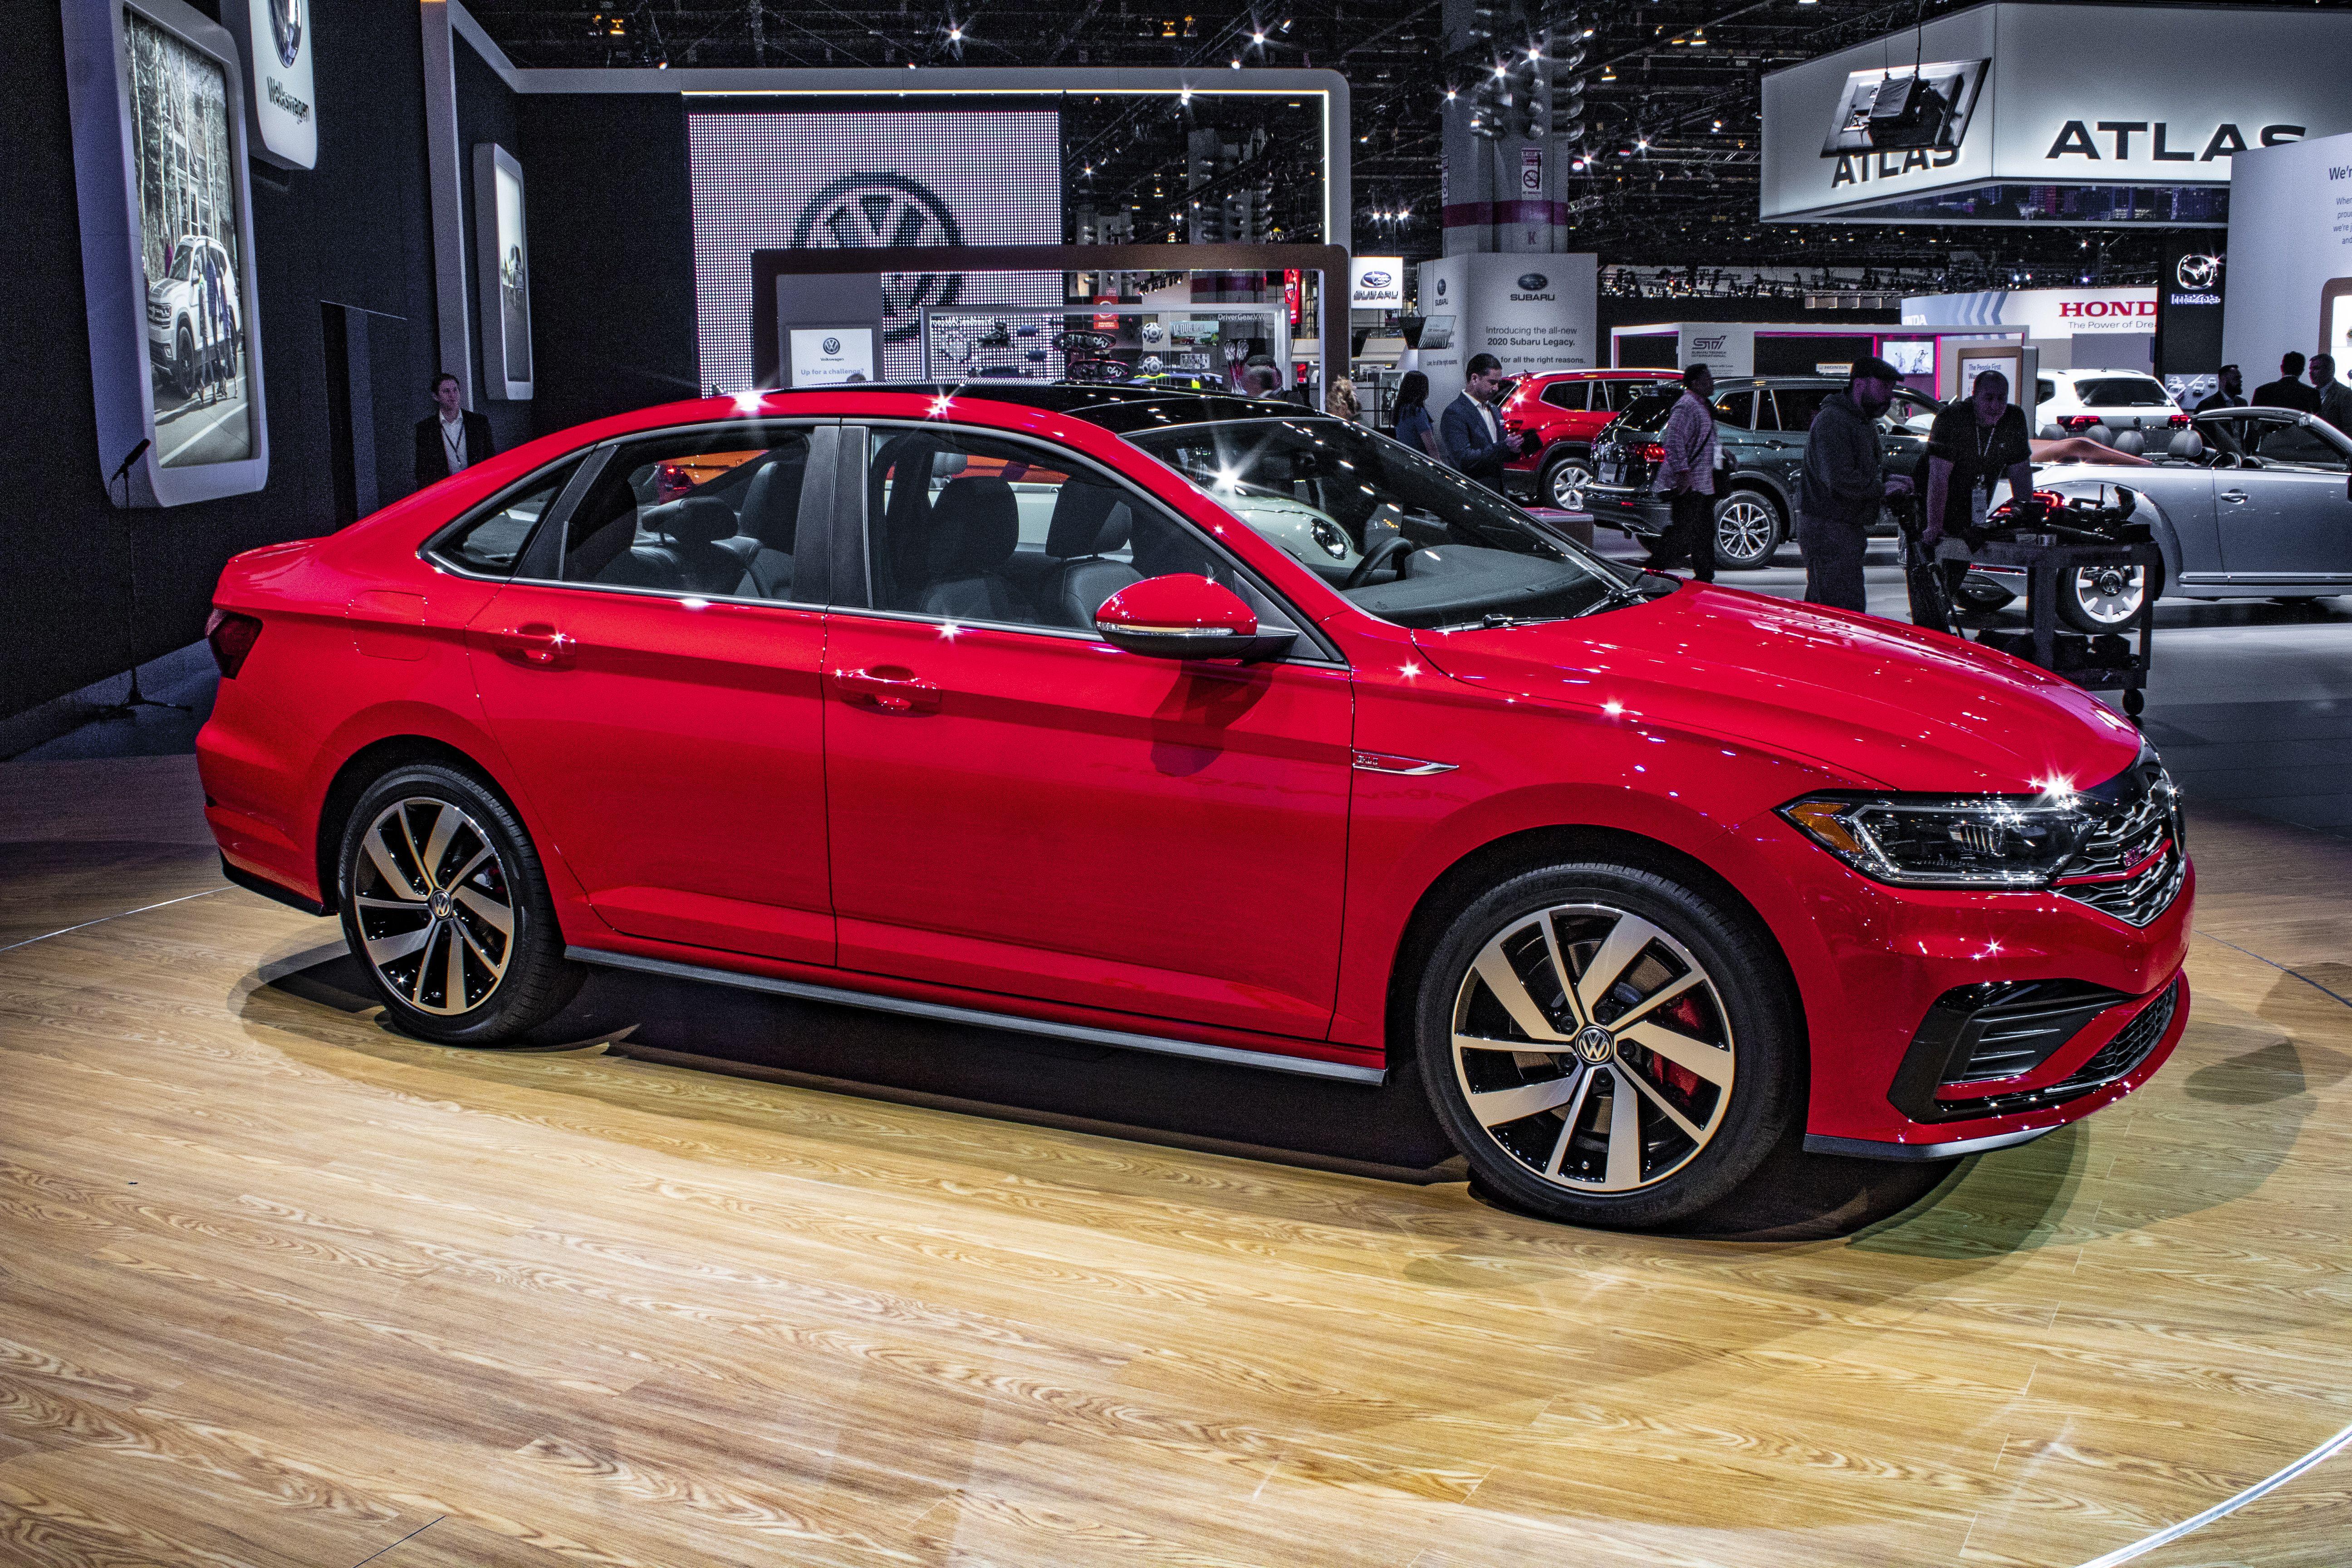 2020 Volkswagen Jetta Gli Top Speed Volkswagen Jetta Jetta Gli Volkswagen